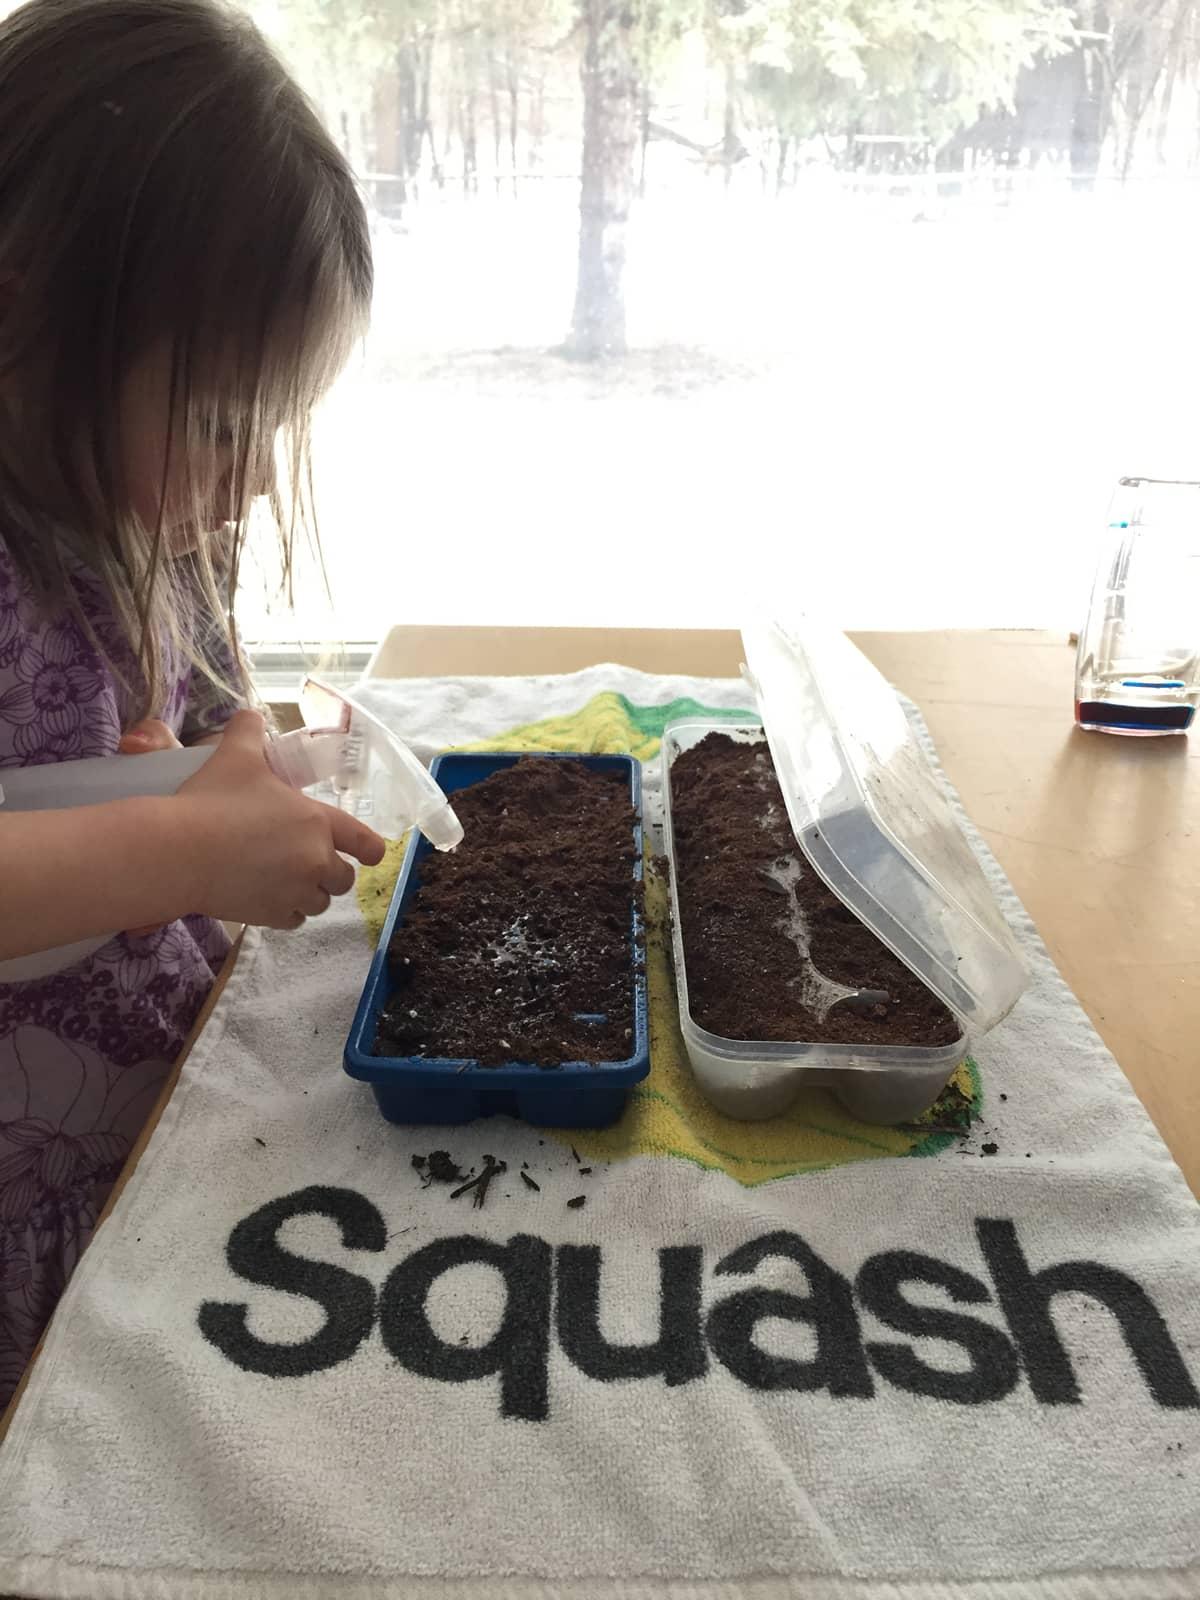 Preschooler starting seeds indoors during the winter.